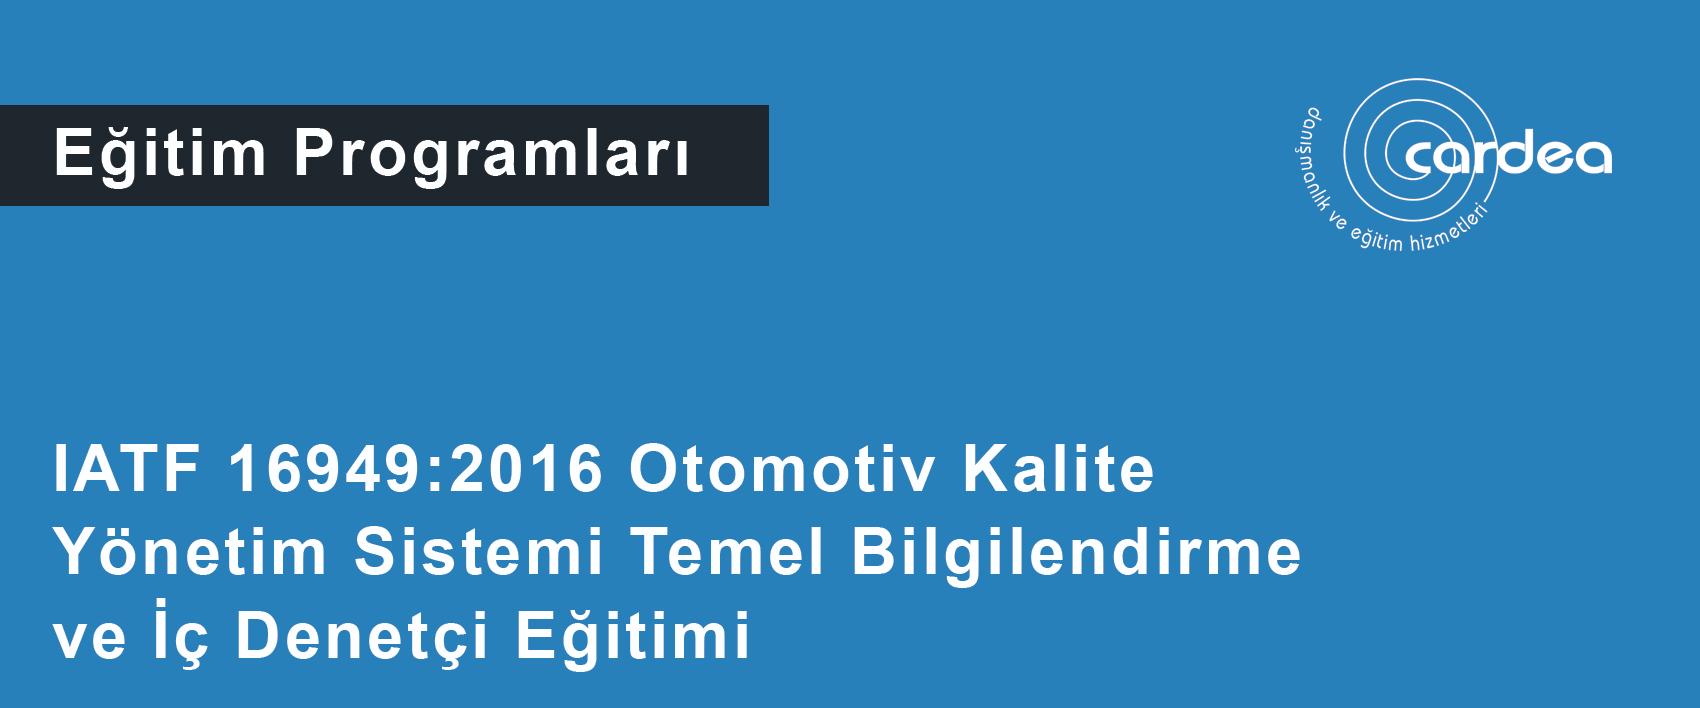 IATF 16949:2016 Otomotiv Kalite Yönetim Sistemi Temel Bilgilendirme ve İç Denetçi Eğitimi